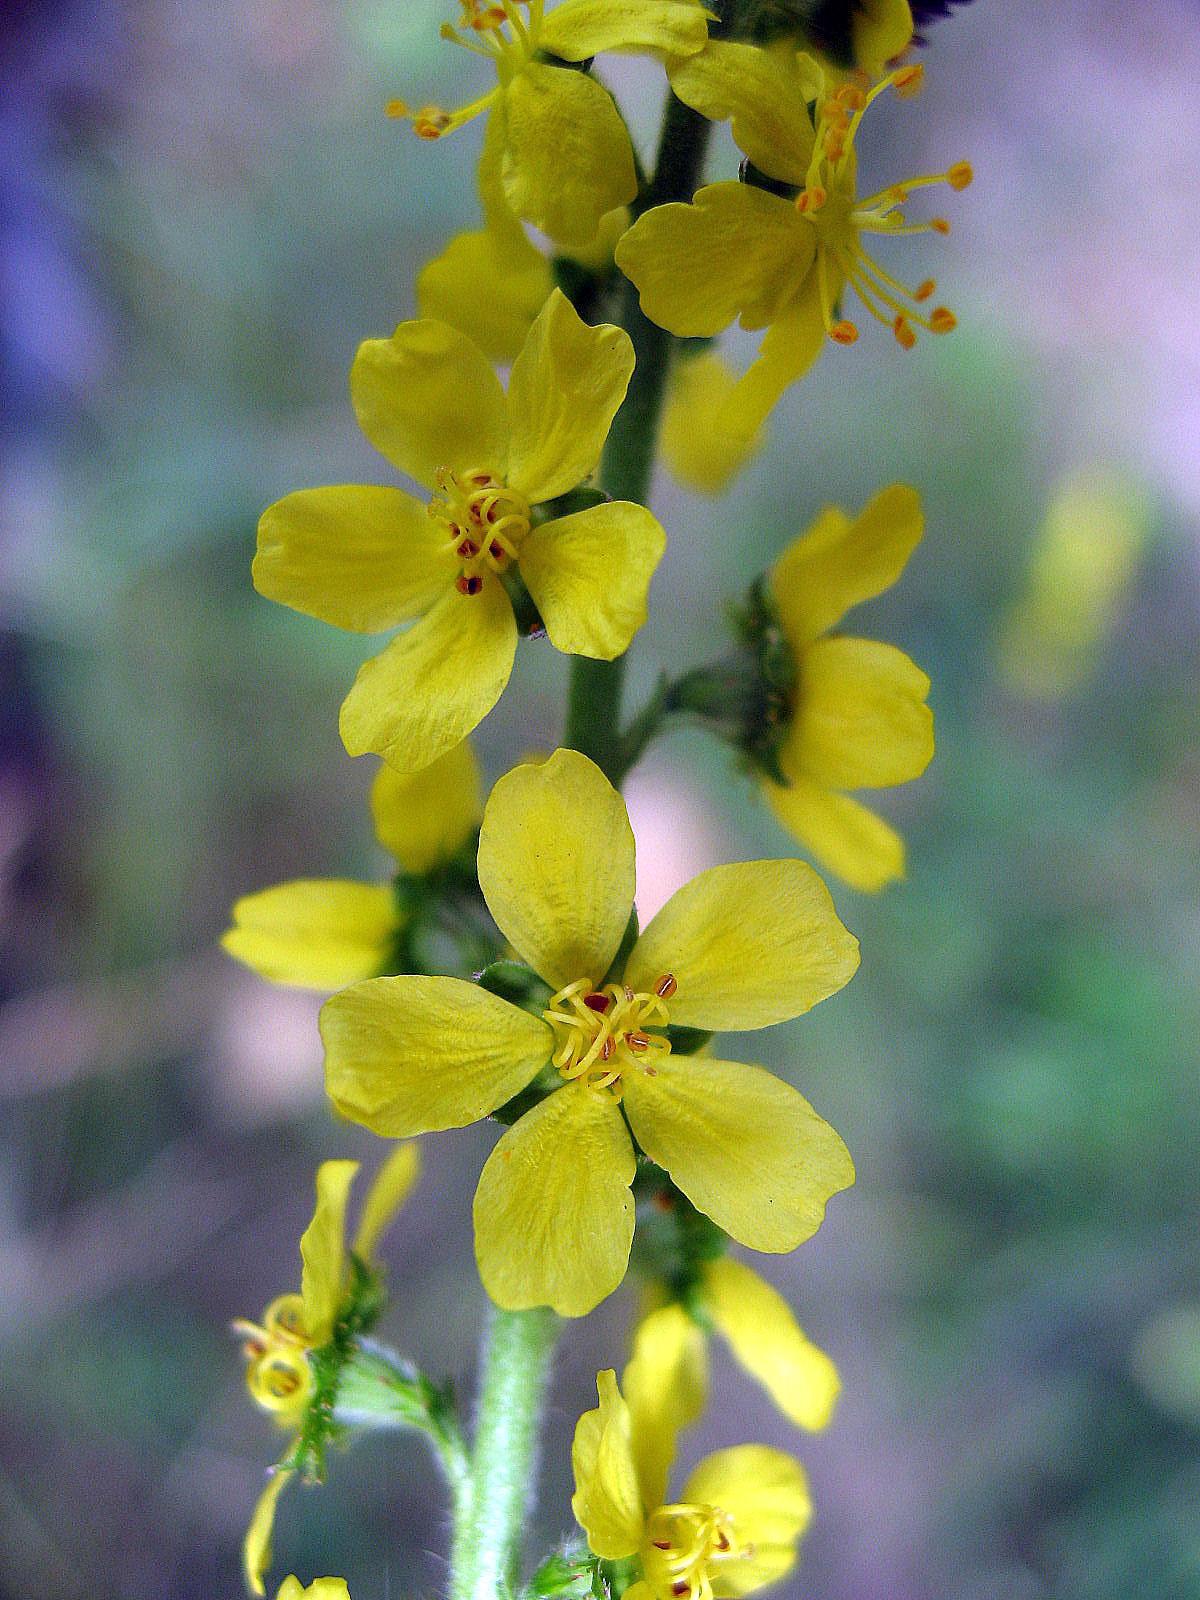 Agrimony, il fiore addormentato di Edward Bach